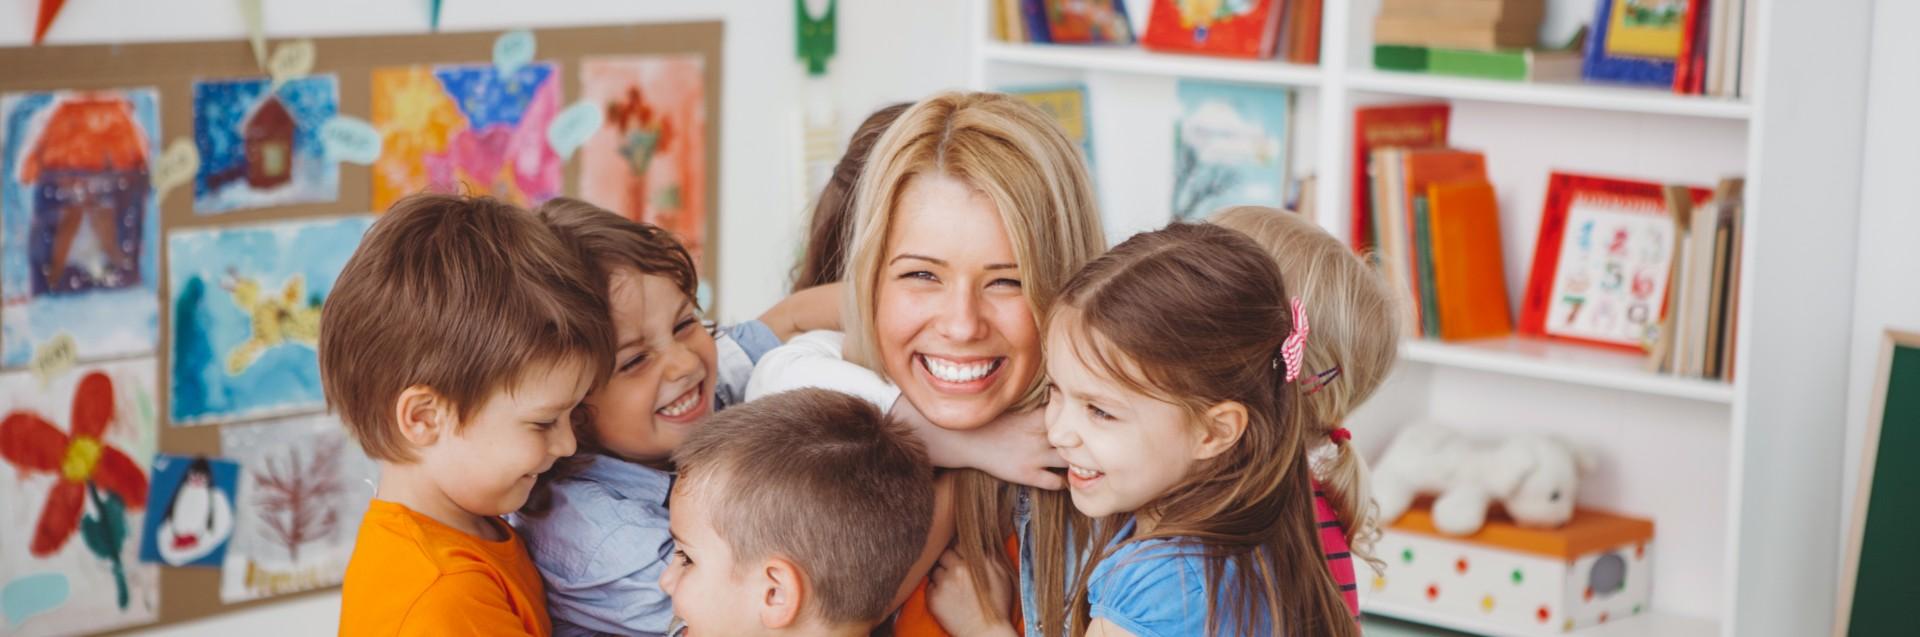 Seks barn klemmer en barnehageansatt